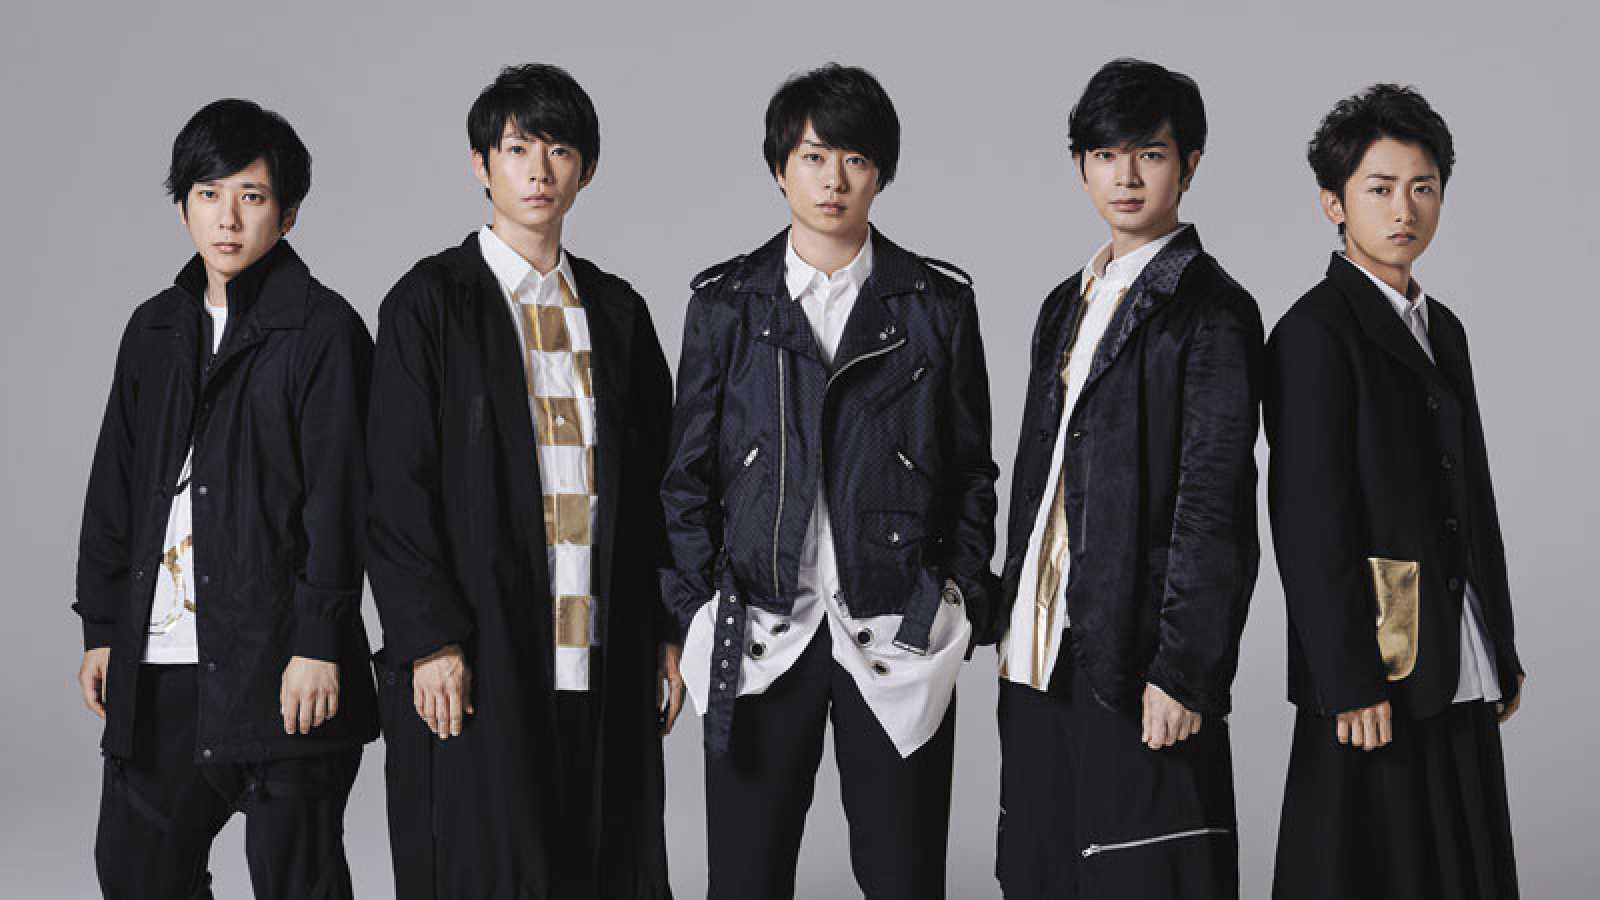 El popular grupo idol ARASHI lanza su canal oficial de YouTube